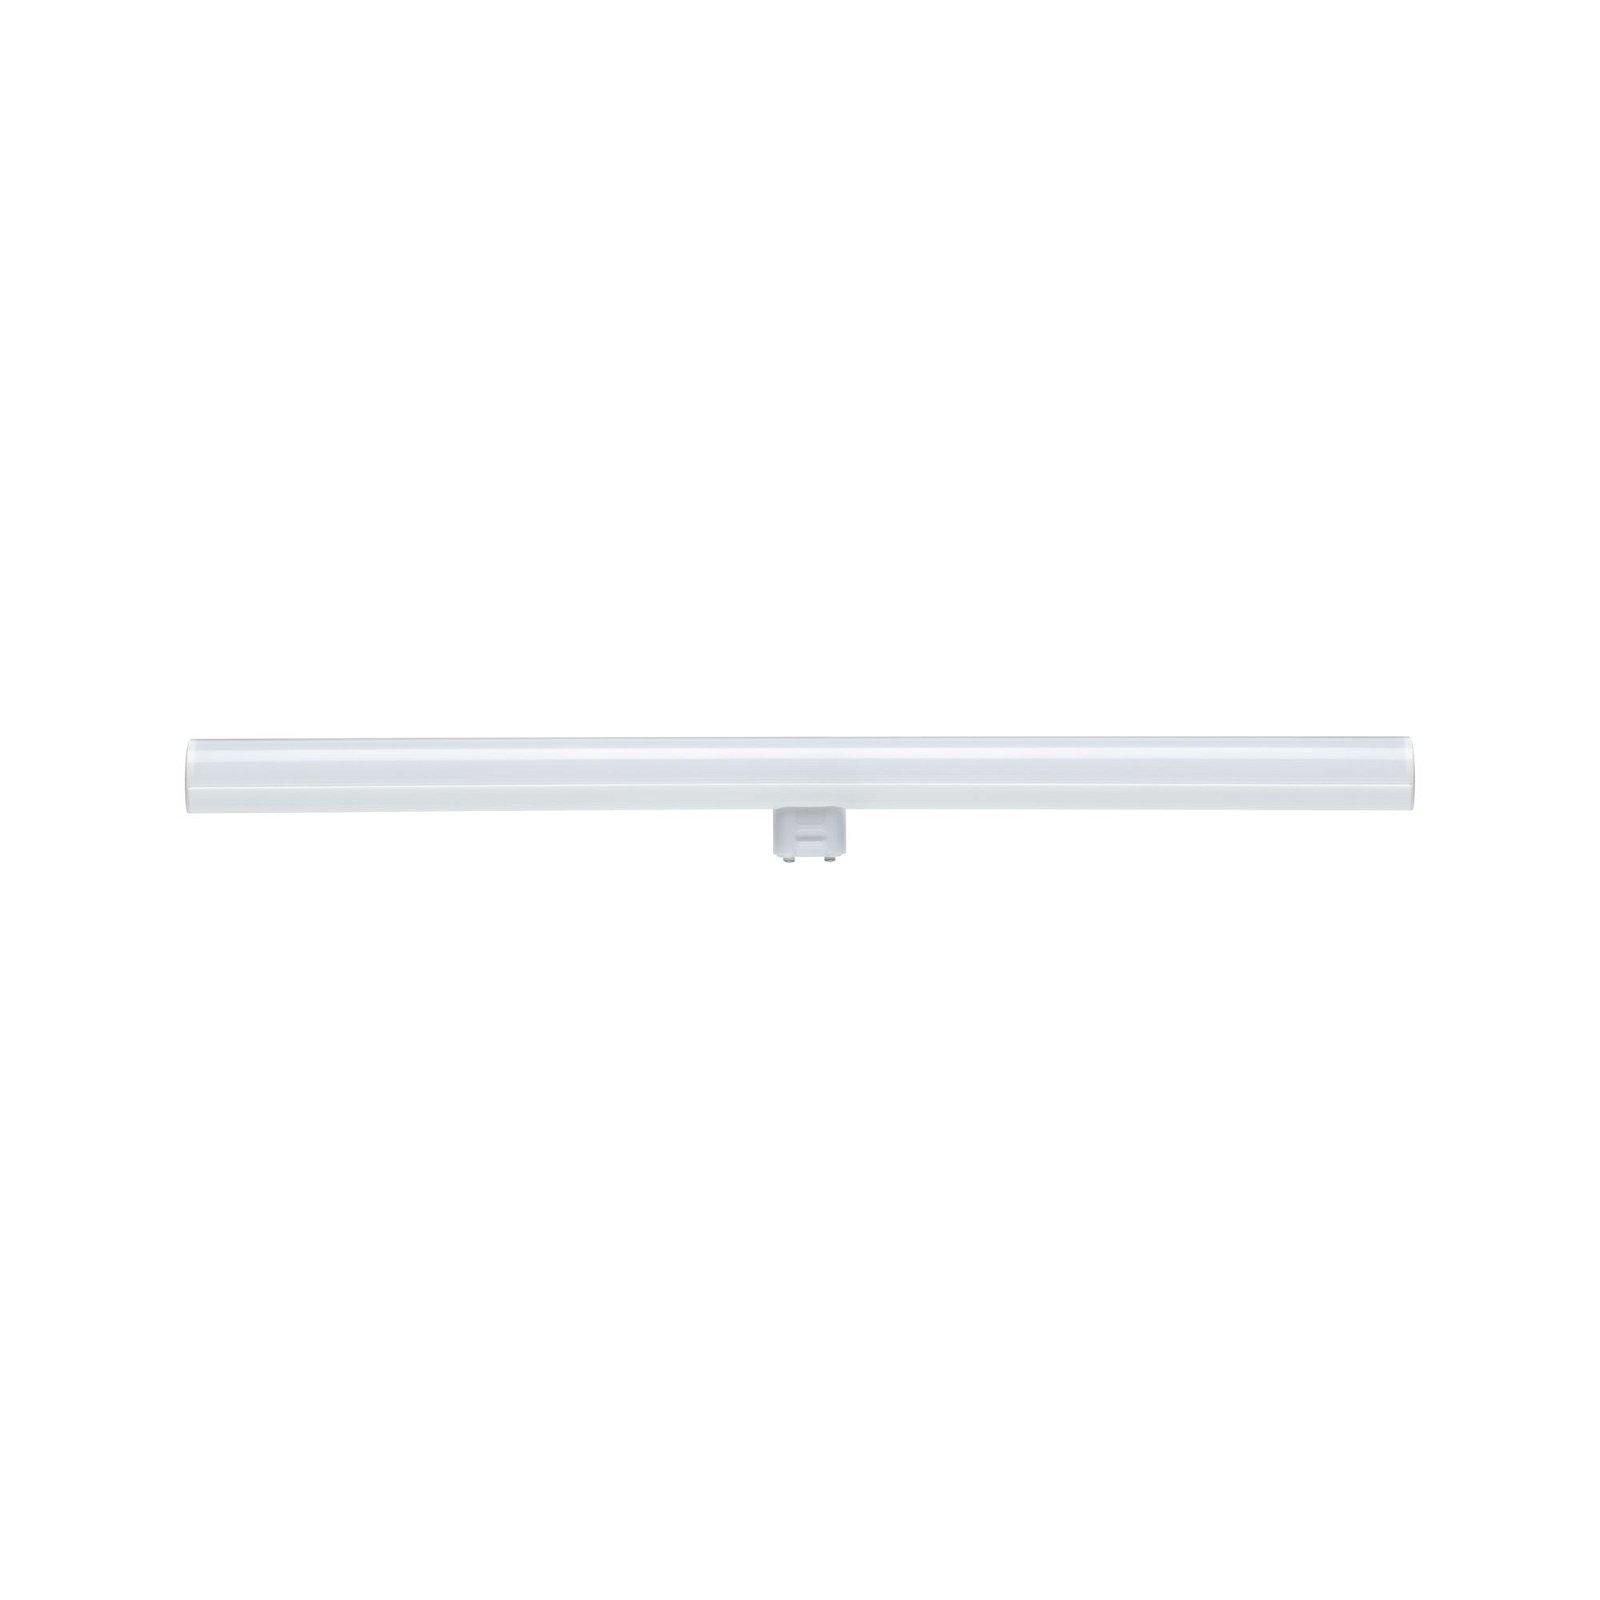 Ampoule linolite LED 6,5W S14d 500mm 2700K 230 V